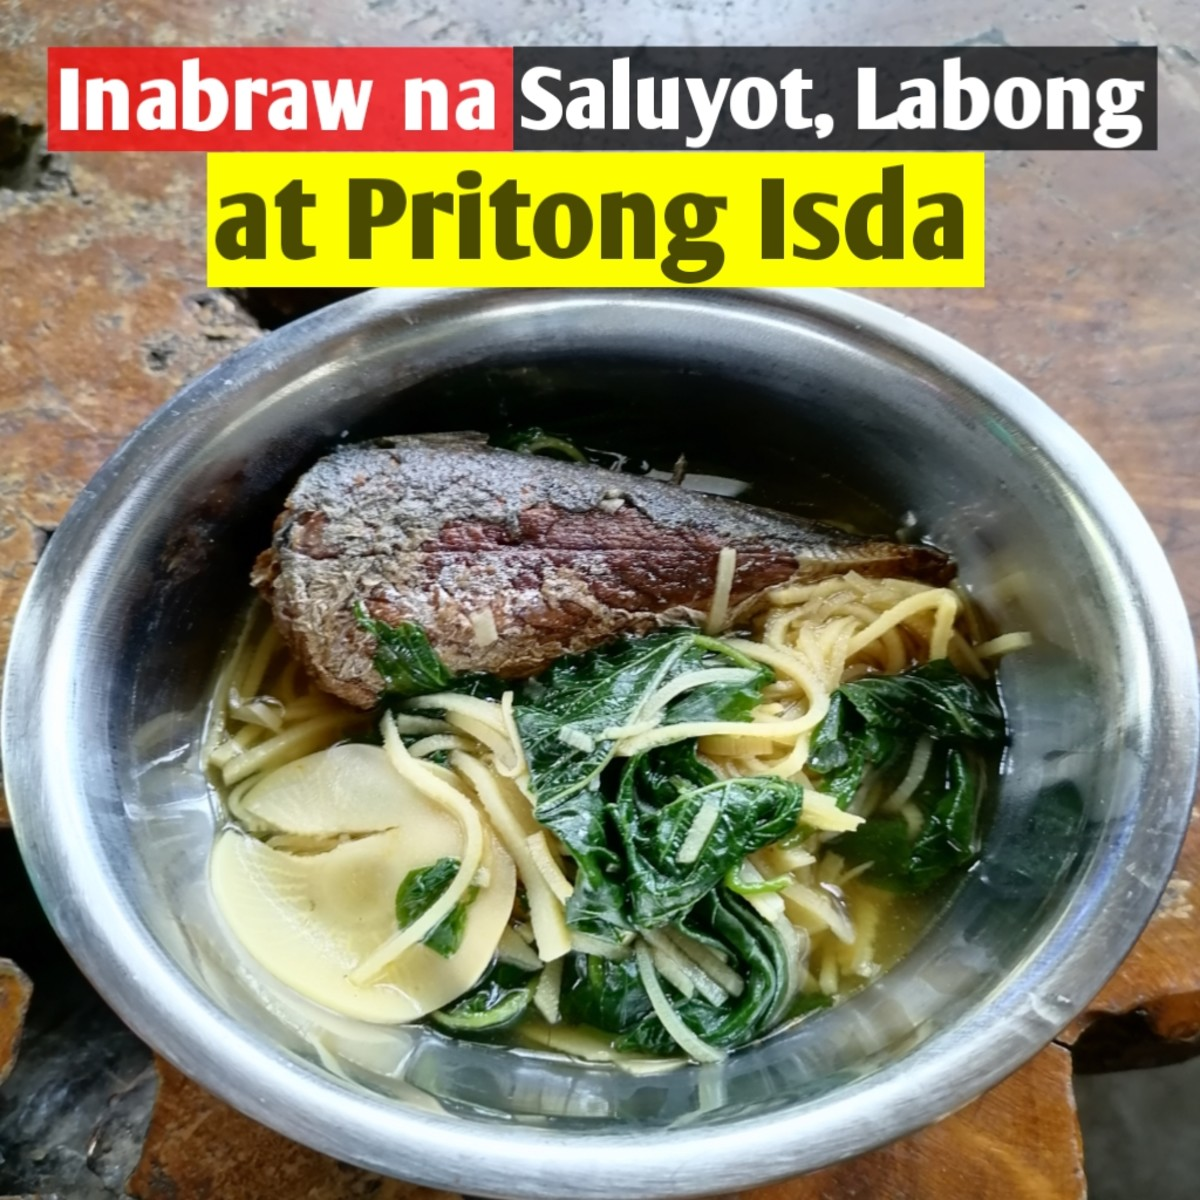 Inabraw na saluyot, labong at pritong isda is a Filipino vegetable stew with fried fish.